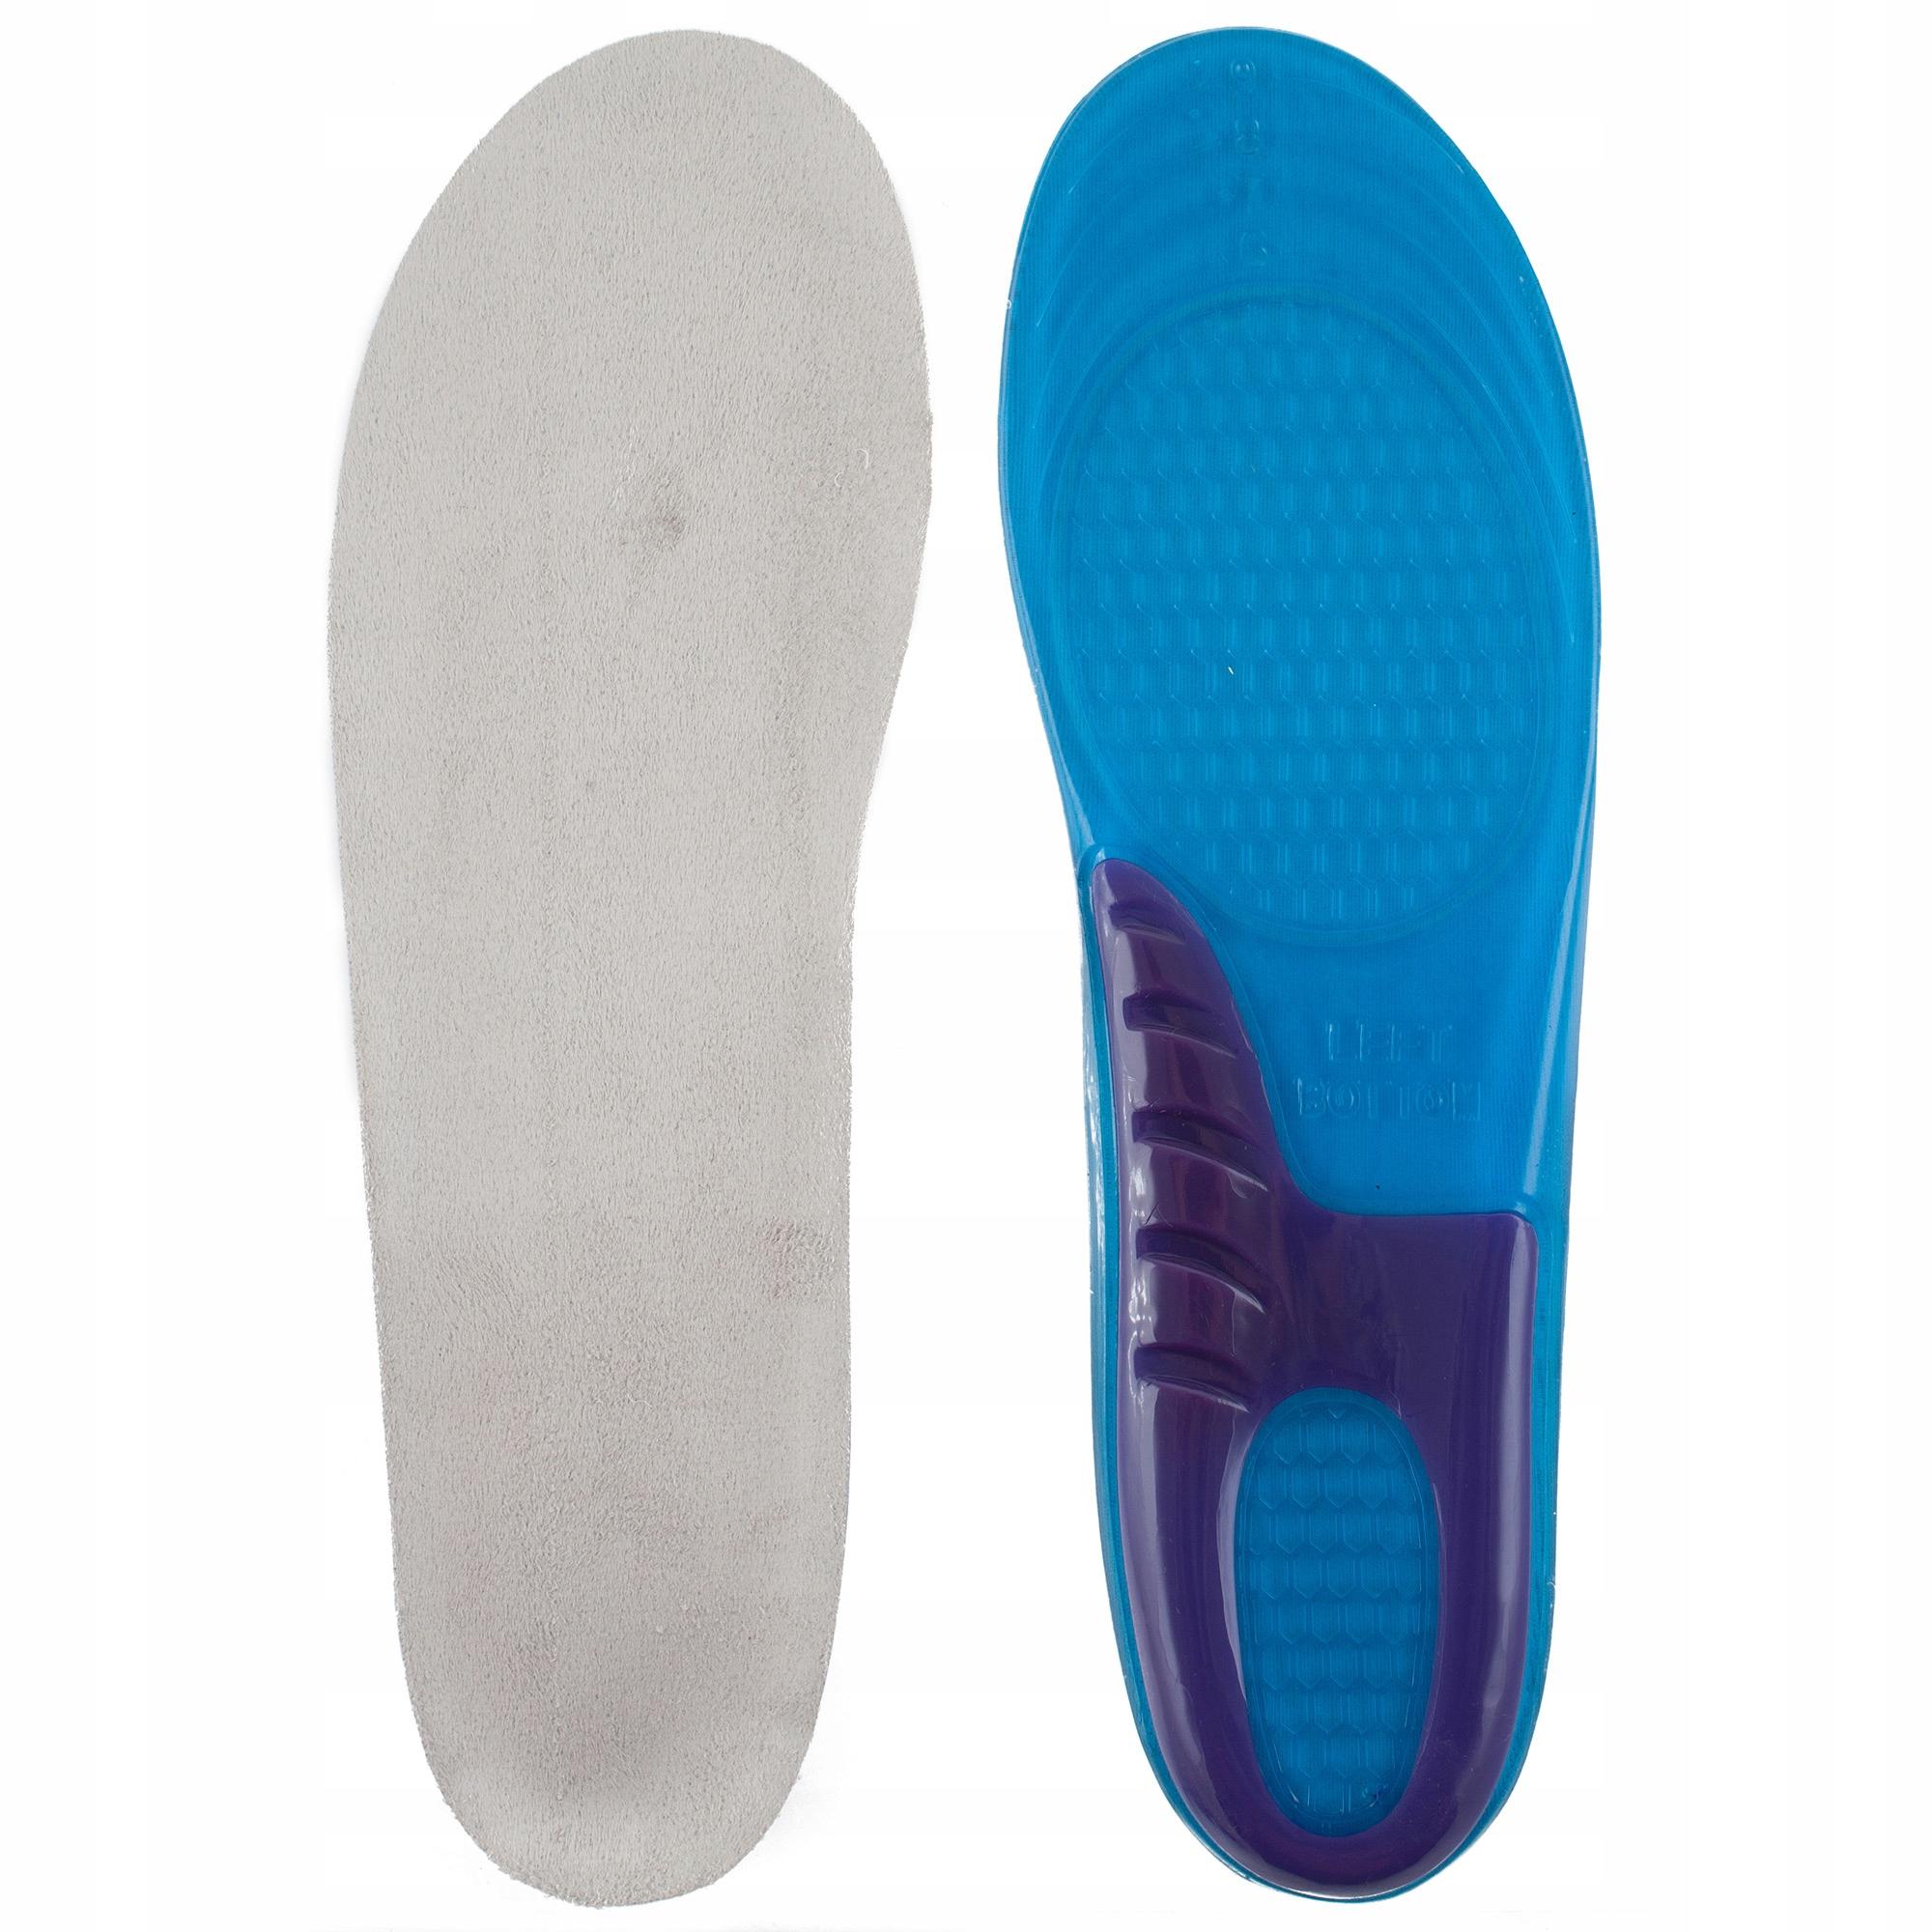 Гель ортопедические вставки обуви для шпор